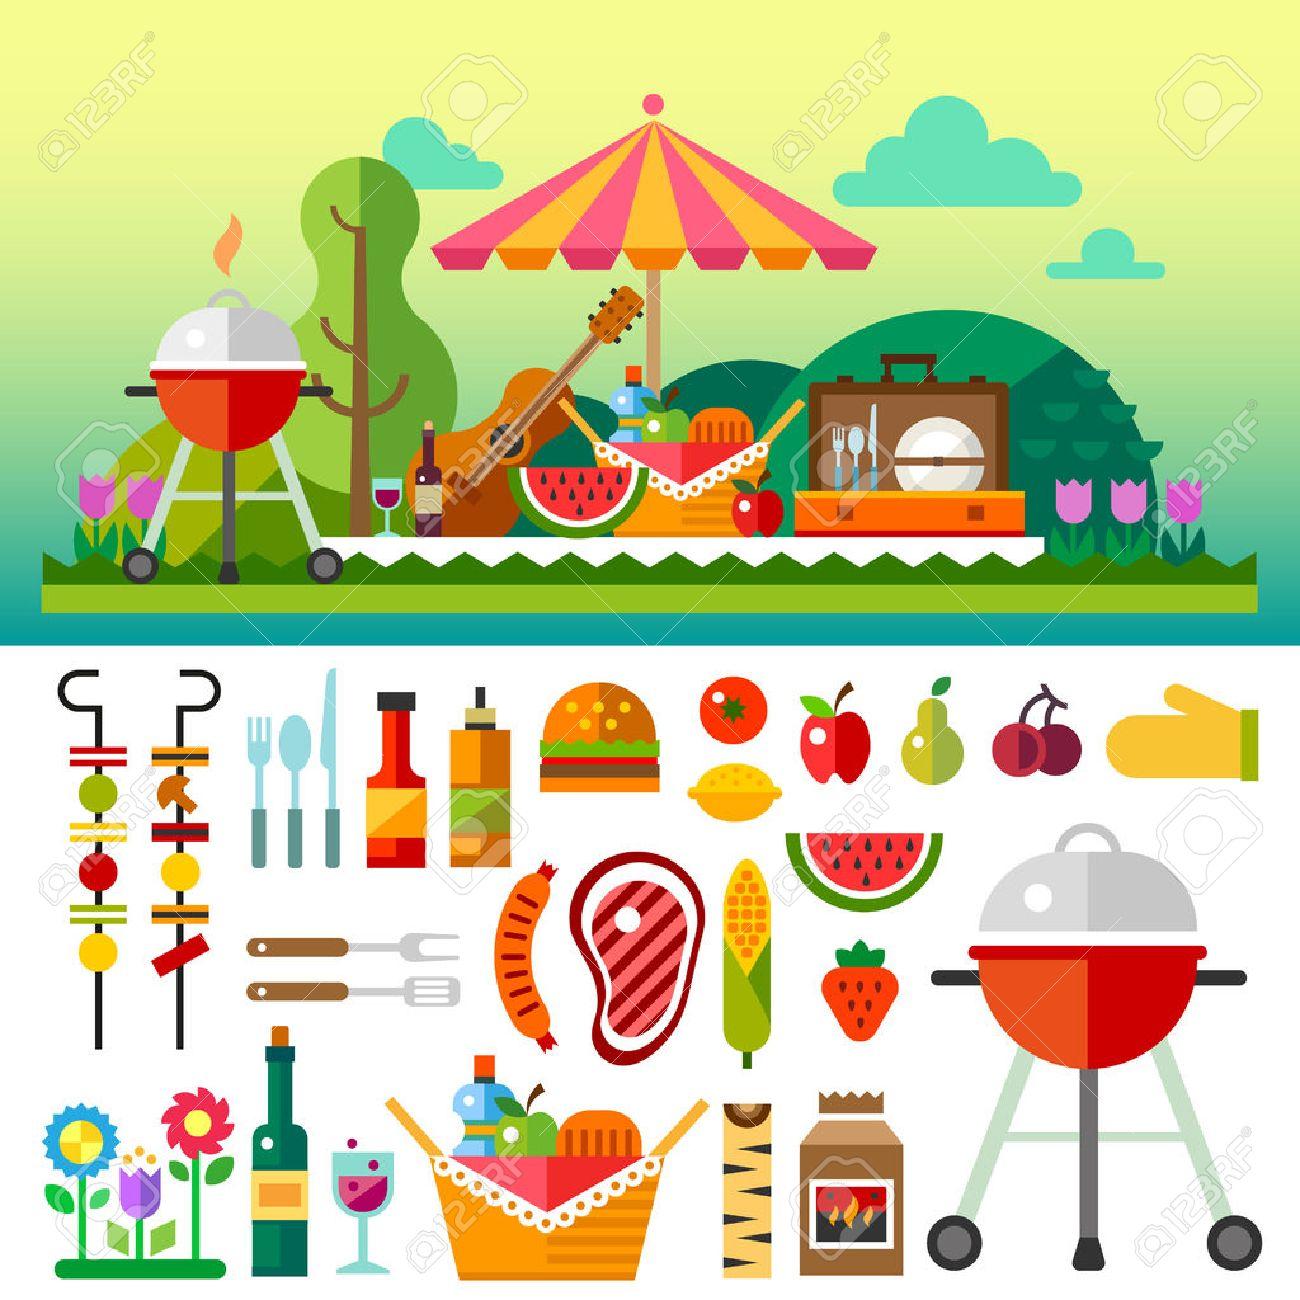 夏の花と草原でピクニック 食品フルーツ バーベキュー付き傘ギター